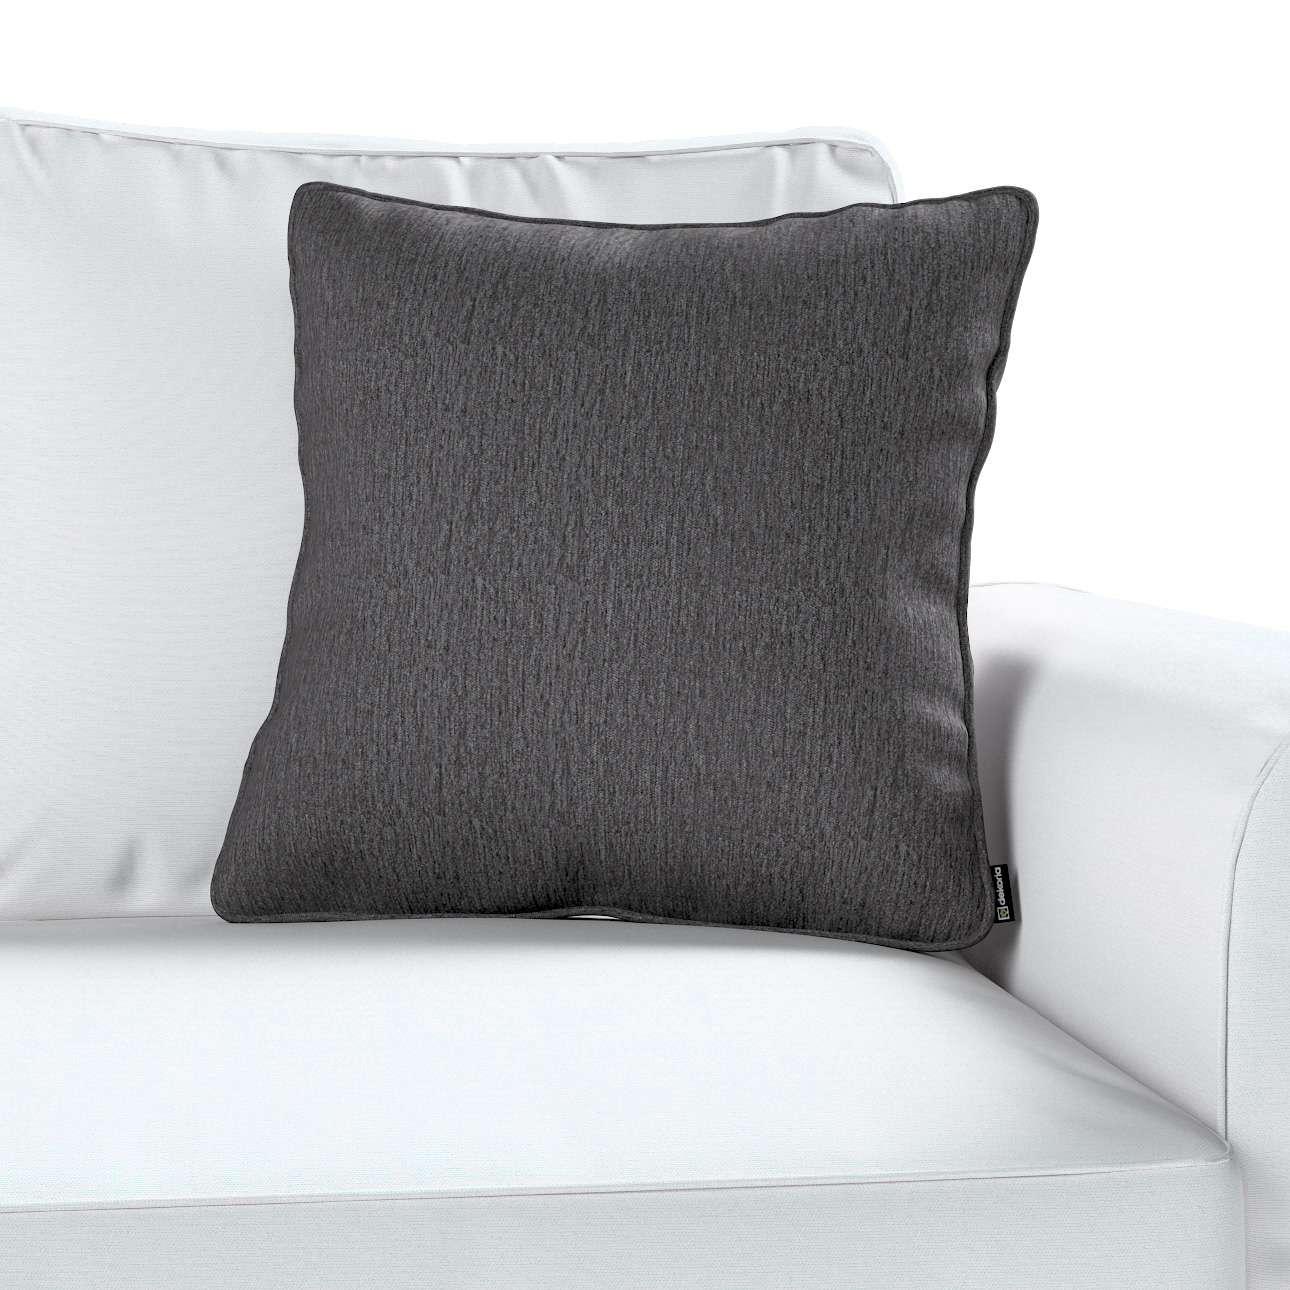 Poszewka Gabi na poduszkę w kolekcji Chenille, tkanina: 702-20